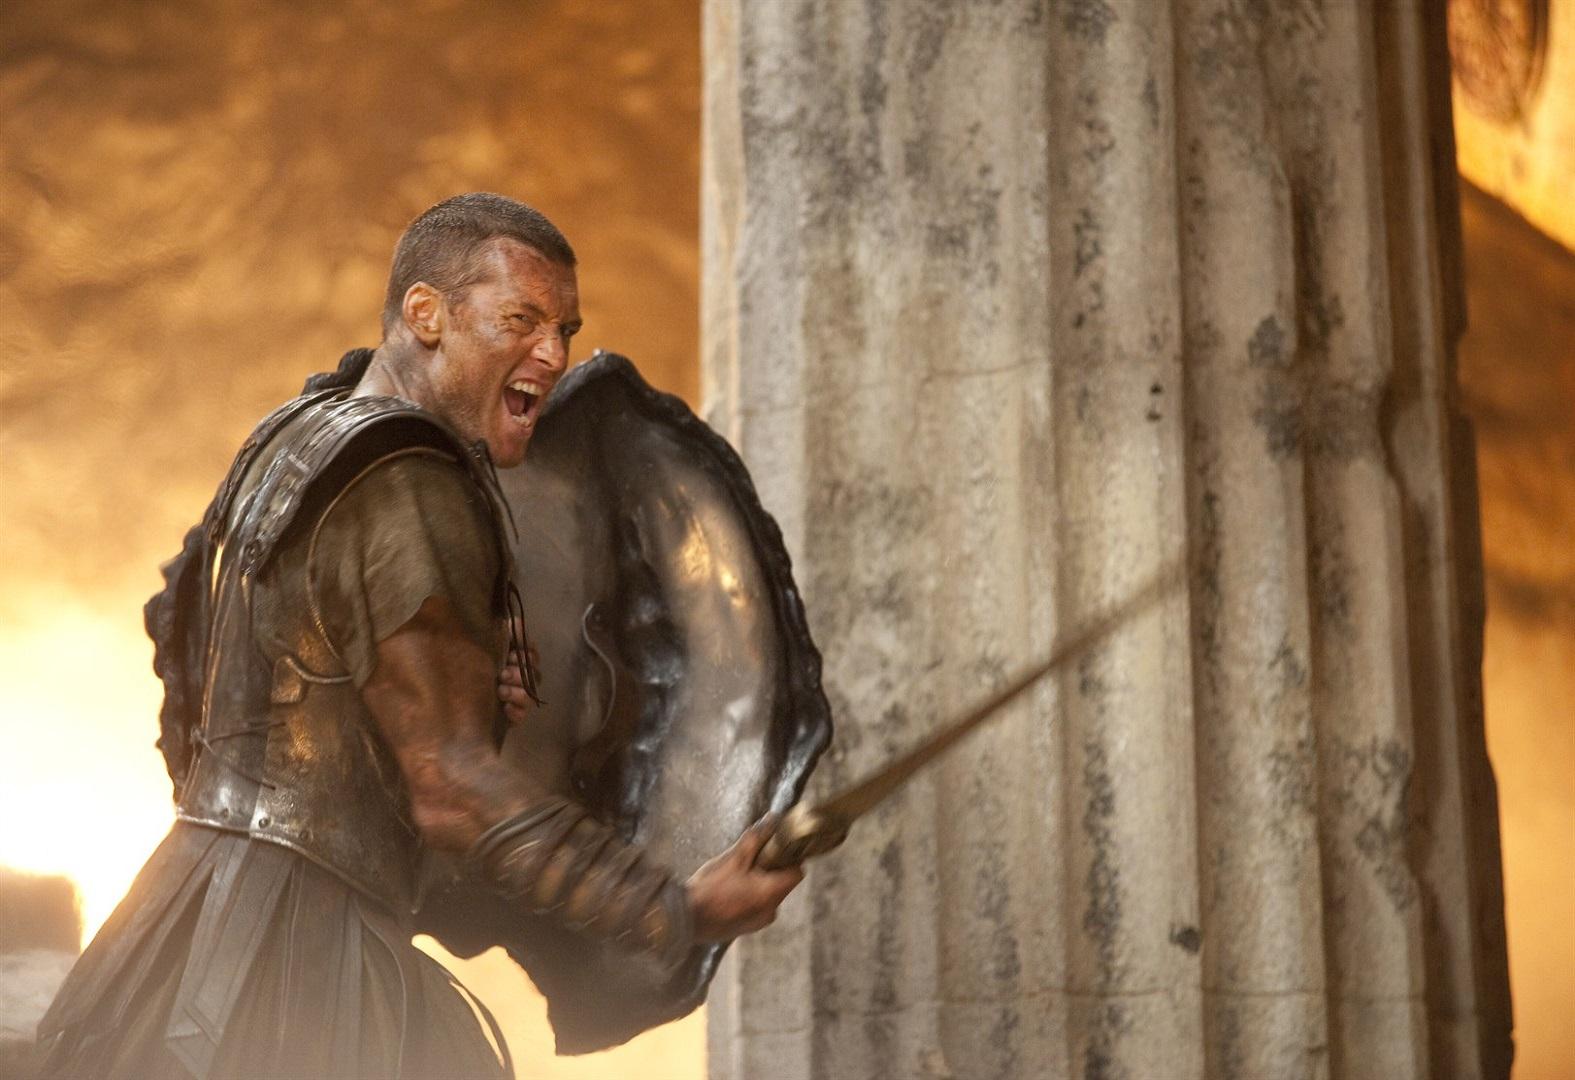 Sam Worthington as Perseus in Clash of the Titans (2010)